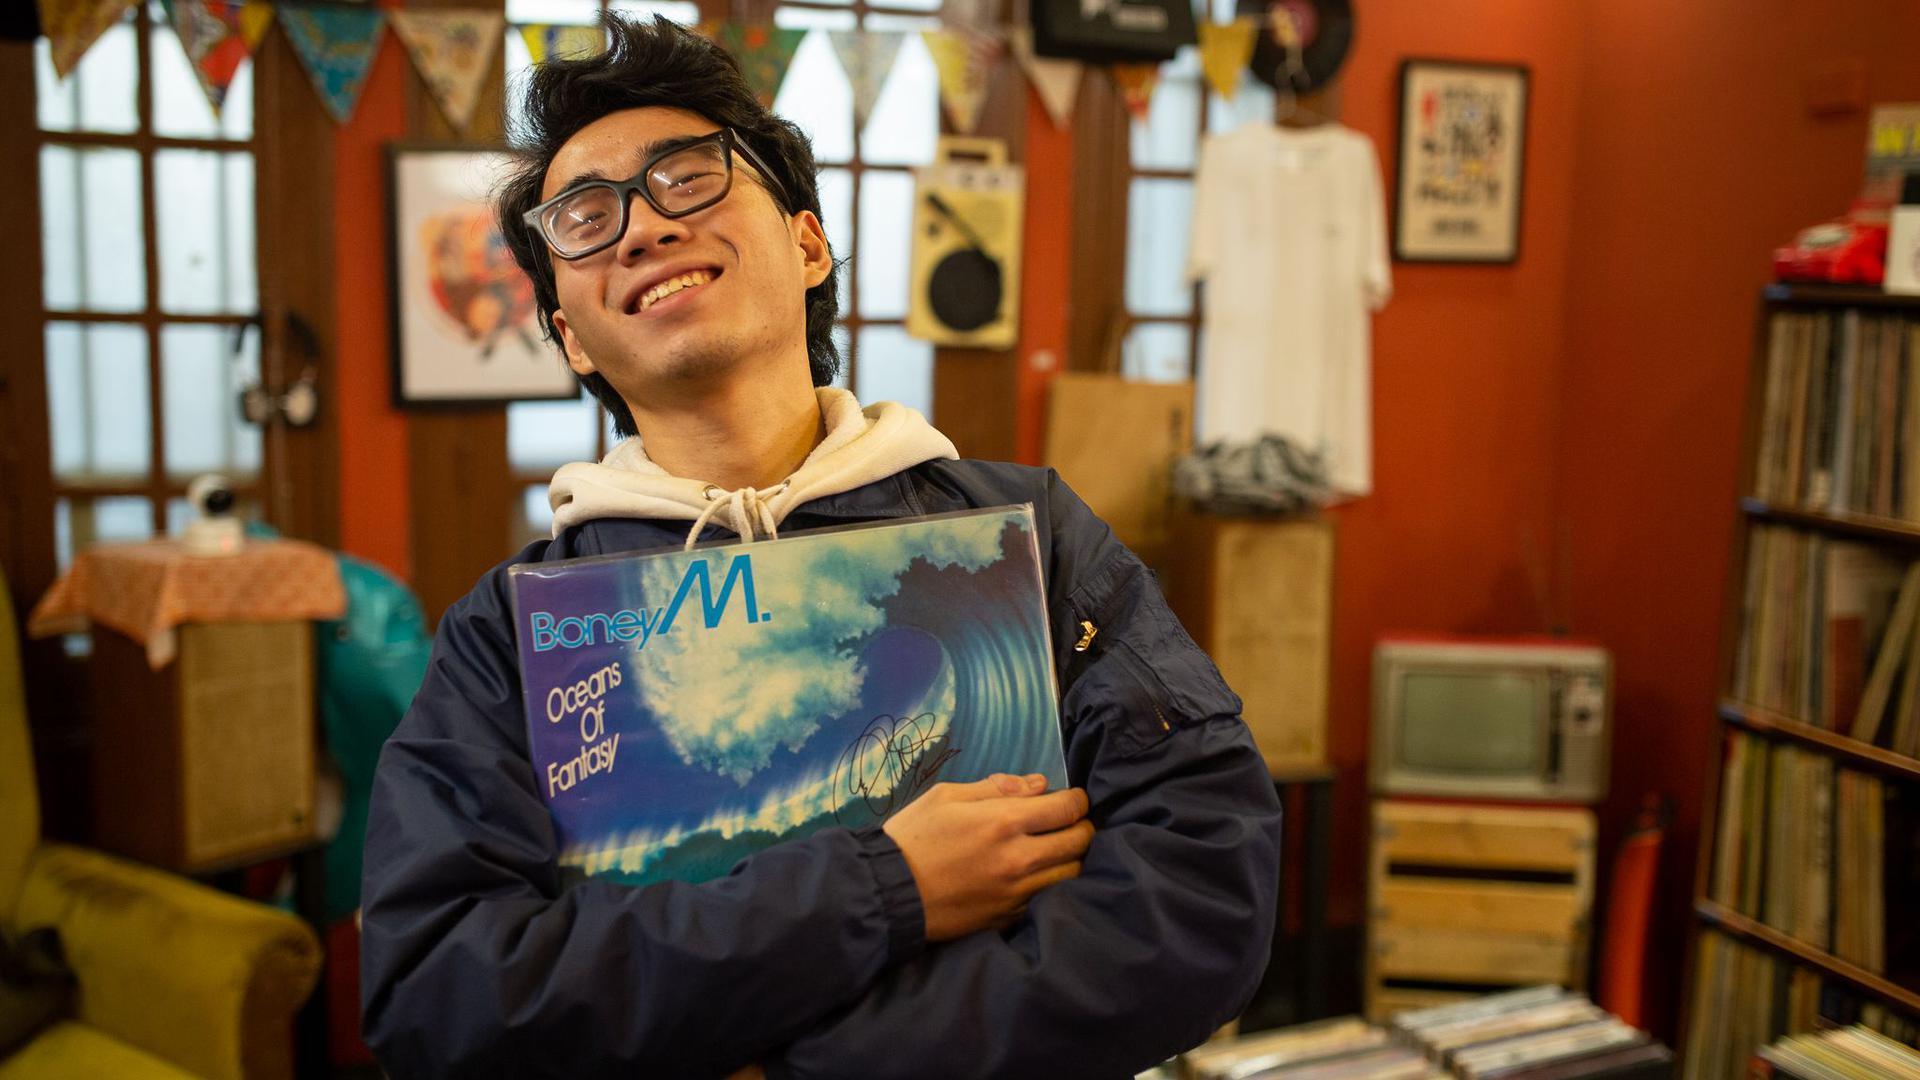 """Hung, Mitarbeiter des LP Club, hält die Schallplatte """"Oceans of Fantasy"""" von Boney M. Wenn in Vietnam geheiratet wird, darf Boney M so gut wie nie fehlen."""